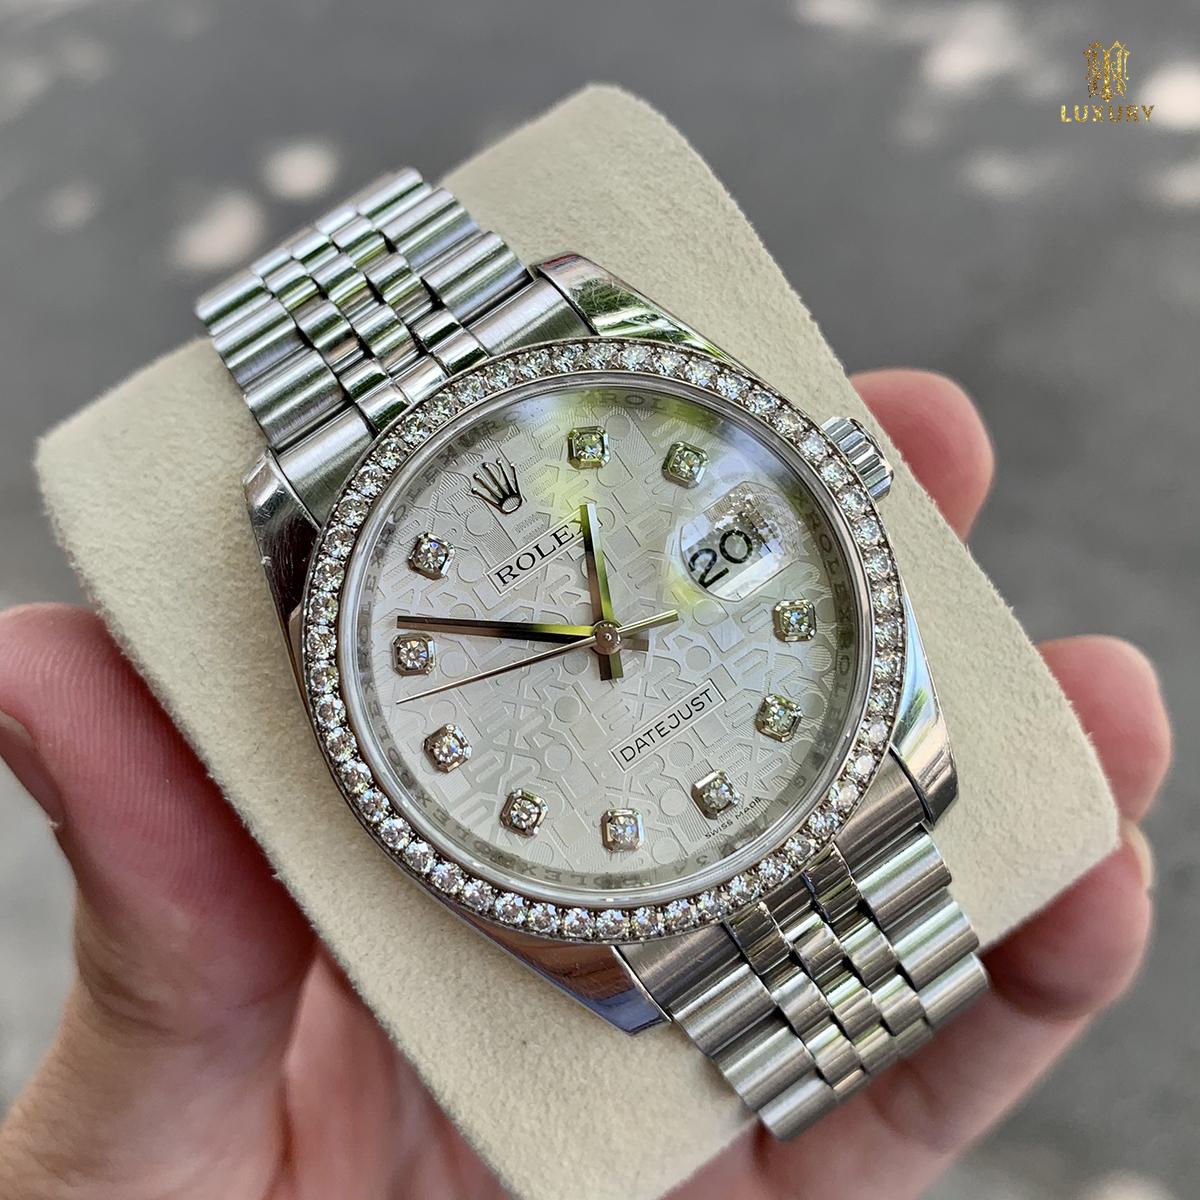 10 chiếc đồng hồ Rolex cũ đáng lựa chọn nhất 2021 Dong-ho-rolex-datejust-116244-stainless-steel-kim-cuong-zin-full-box-1